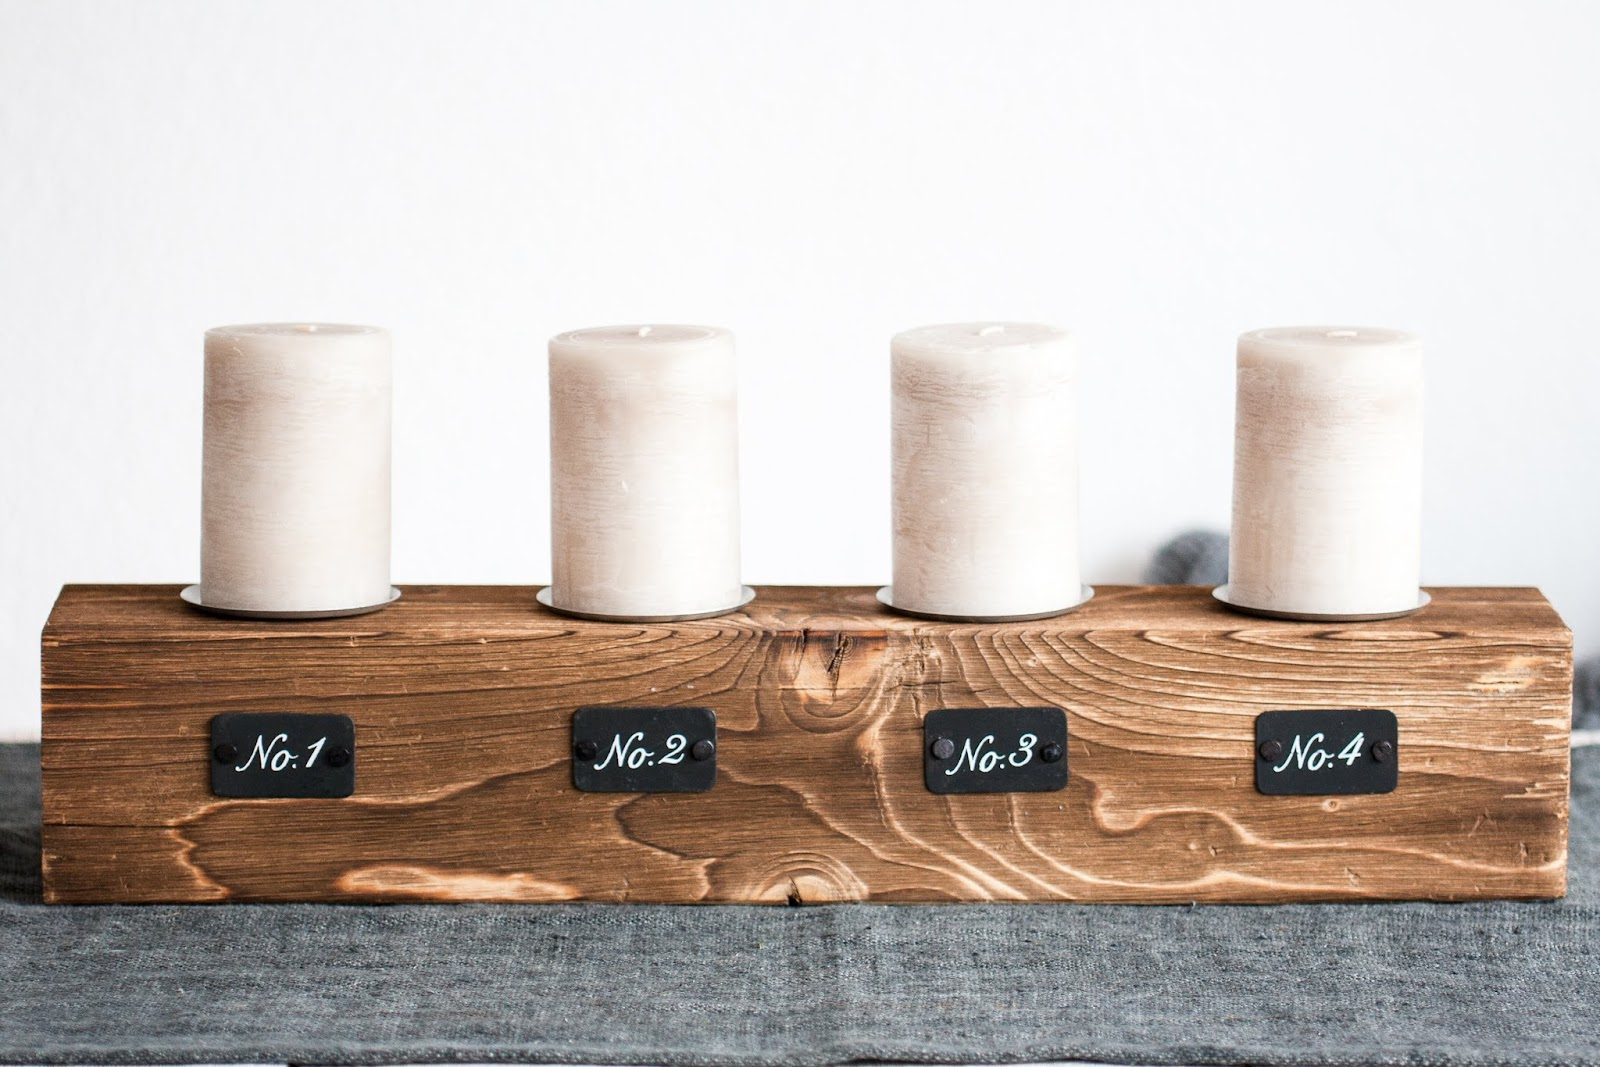 rums mit adventskranz alternativen und lecker bananenbrot pomponetti. Black Bedroom Furniture Sets. Home Design Ideas